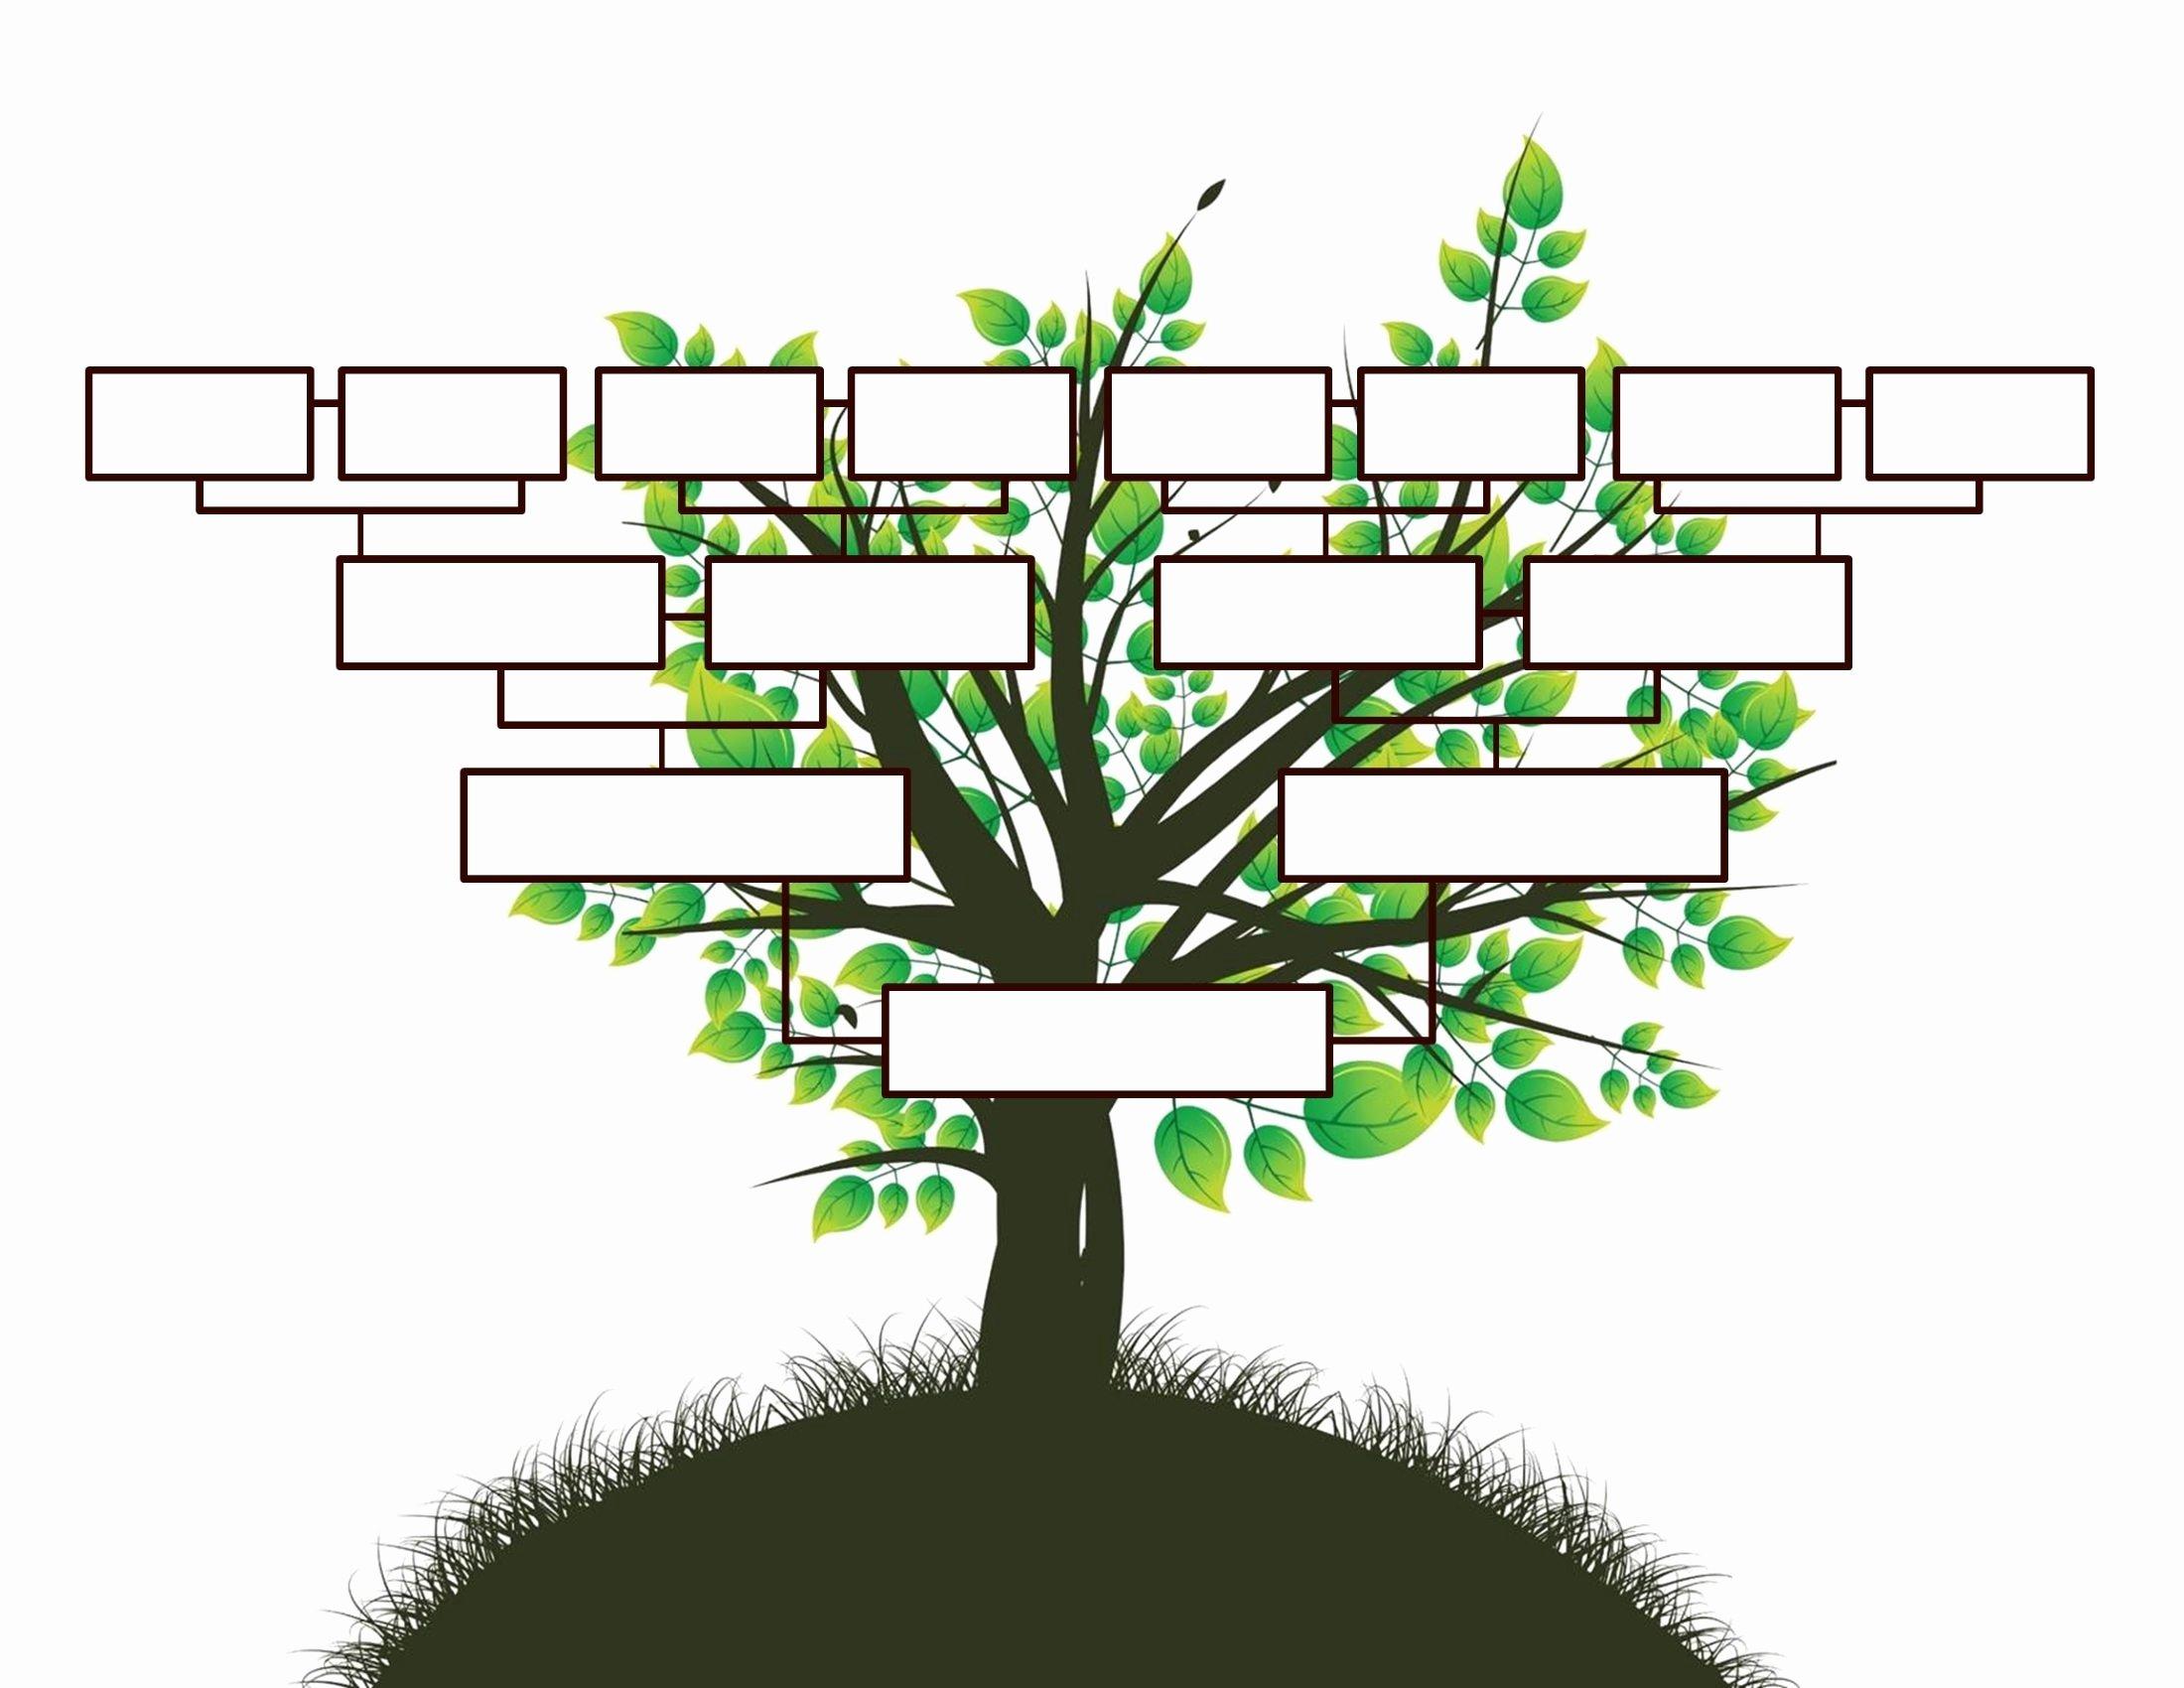 Free Editable Family Tree Templates Lovely Free Editable Family Tree Template Daily Roabox